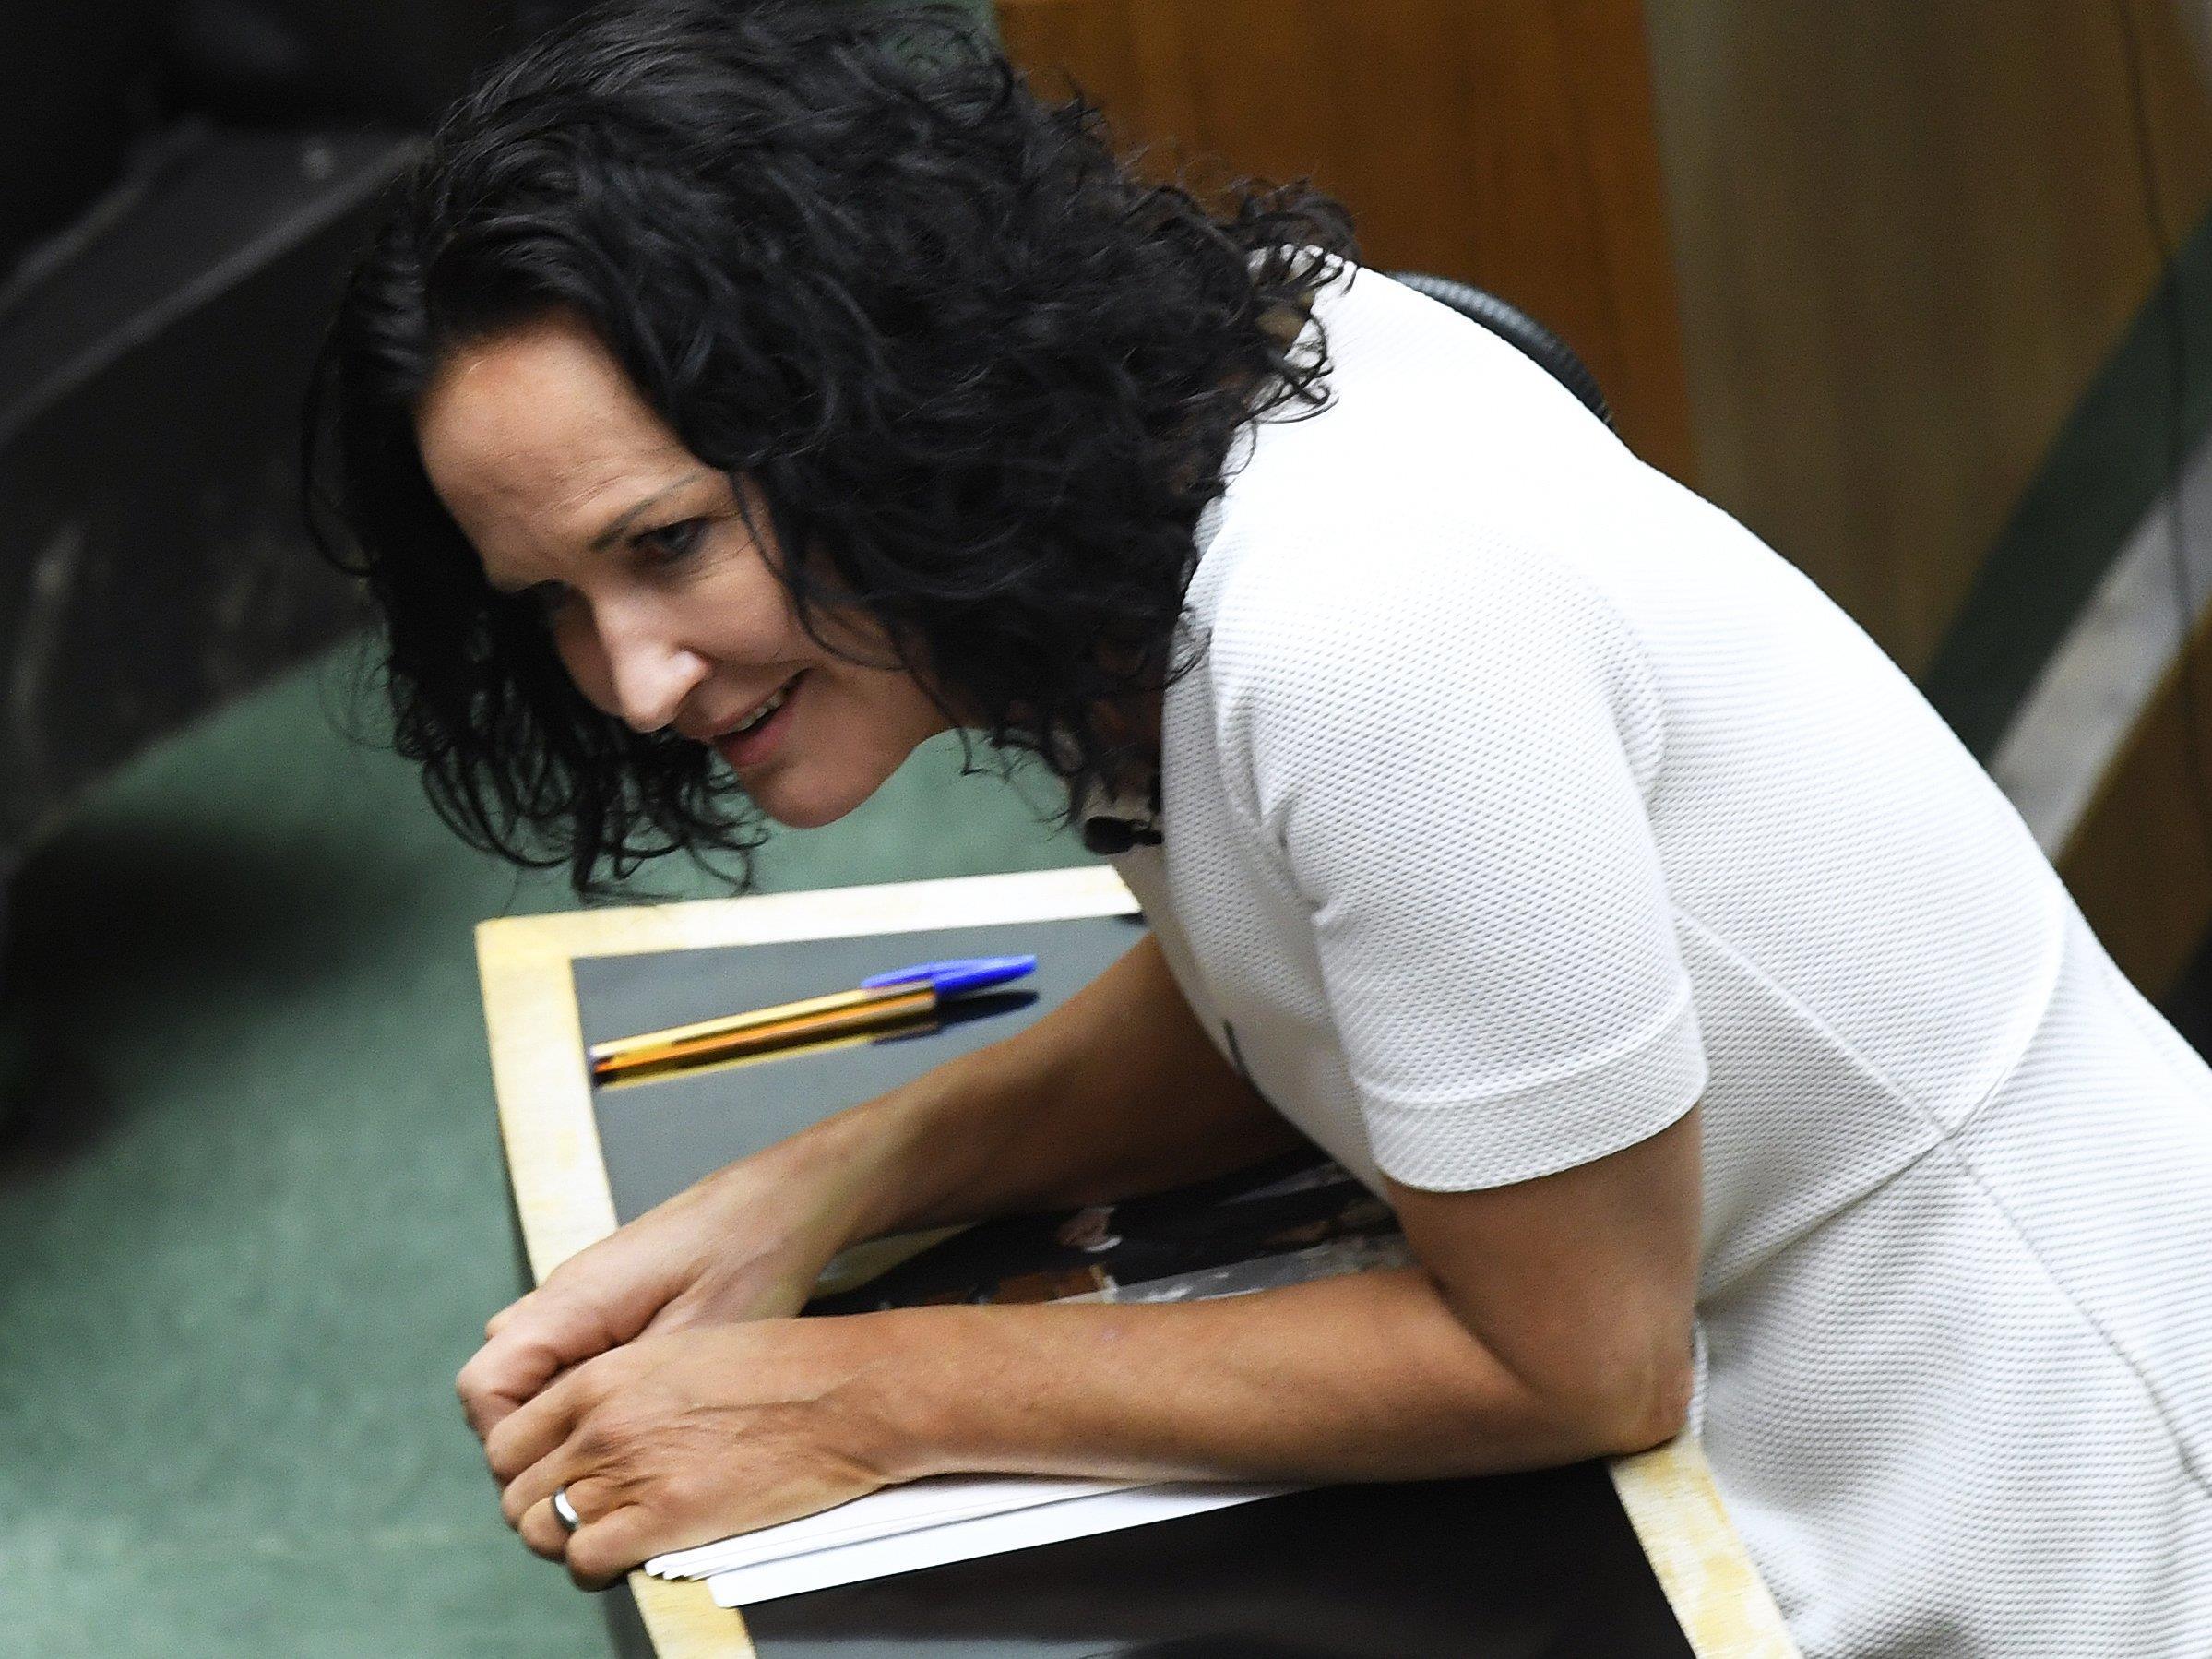 Grüne-Bundessprecherin Eva Glawischnig sucht Aussprache mit ihren Kritikern